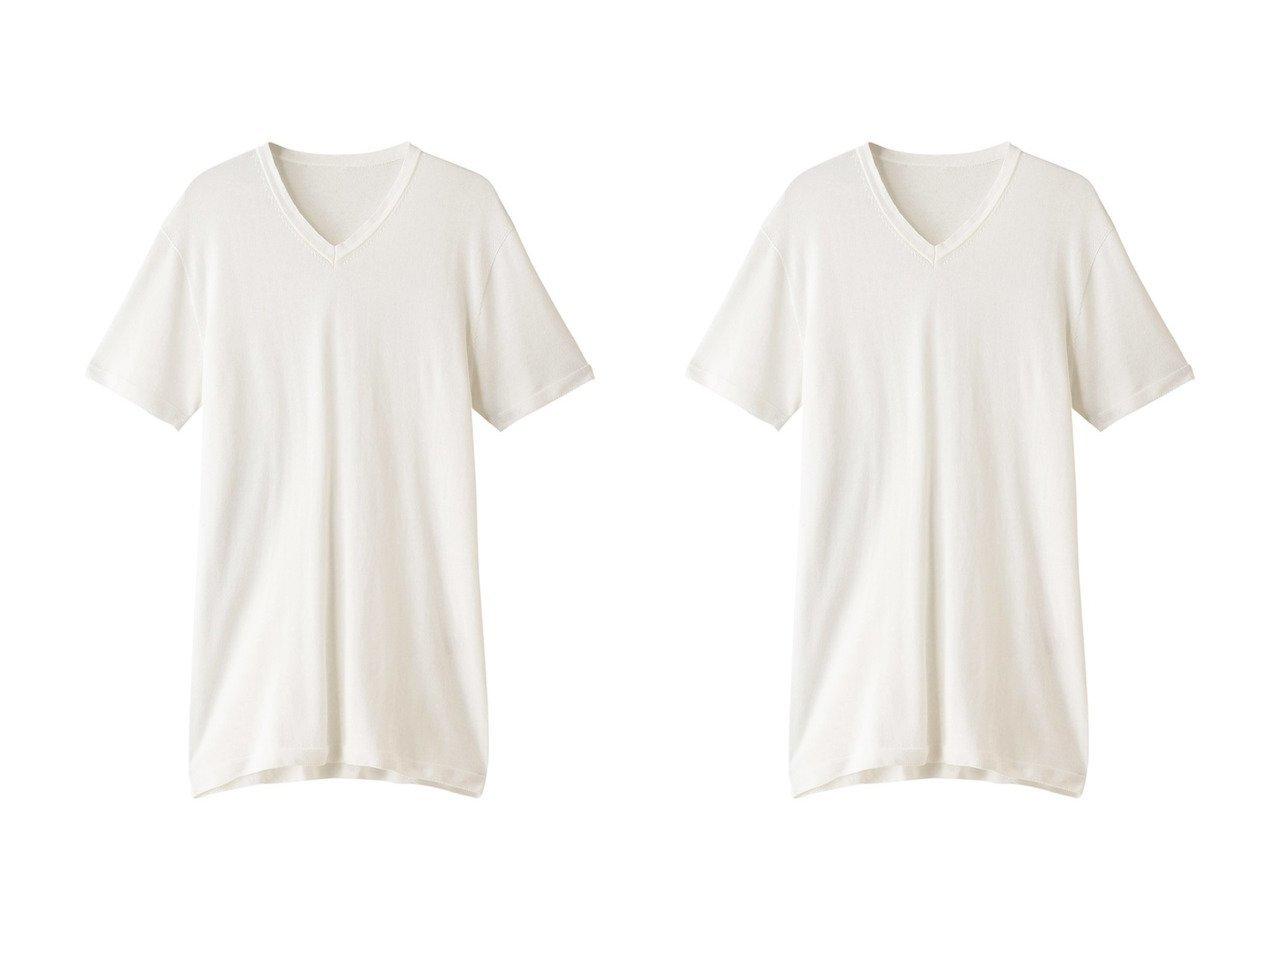 【PRISTINE / MEN/プリスティン】の【MEN】無縫製薄手半袖Vネックシャツ&【MEN】無縫製薄手半袖Vネックシャツ(箱なし) 【MEN】おすすめ!人気トレンド・男性、メンズファッションの通販 おすすめで人気の流行・トレンド、ファッションの通販商品 インテリア・家具・メンズファッション・キッズファッション・レディースファッション・服の通販 founy(ファニー) https://founy.com/ ファッション Fashion メンズファッション MEN トップス・カットソー Tops/Tshirt/Men シャツ Shirts ショート シンプル スリーブ 半袖  ID:crp329100000072295